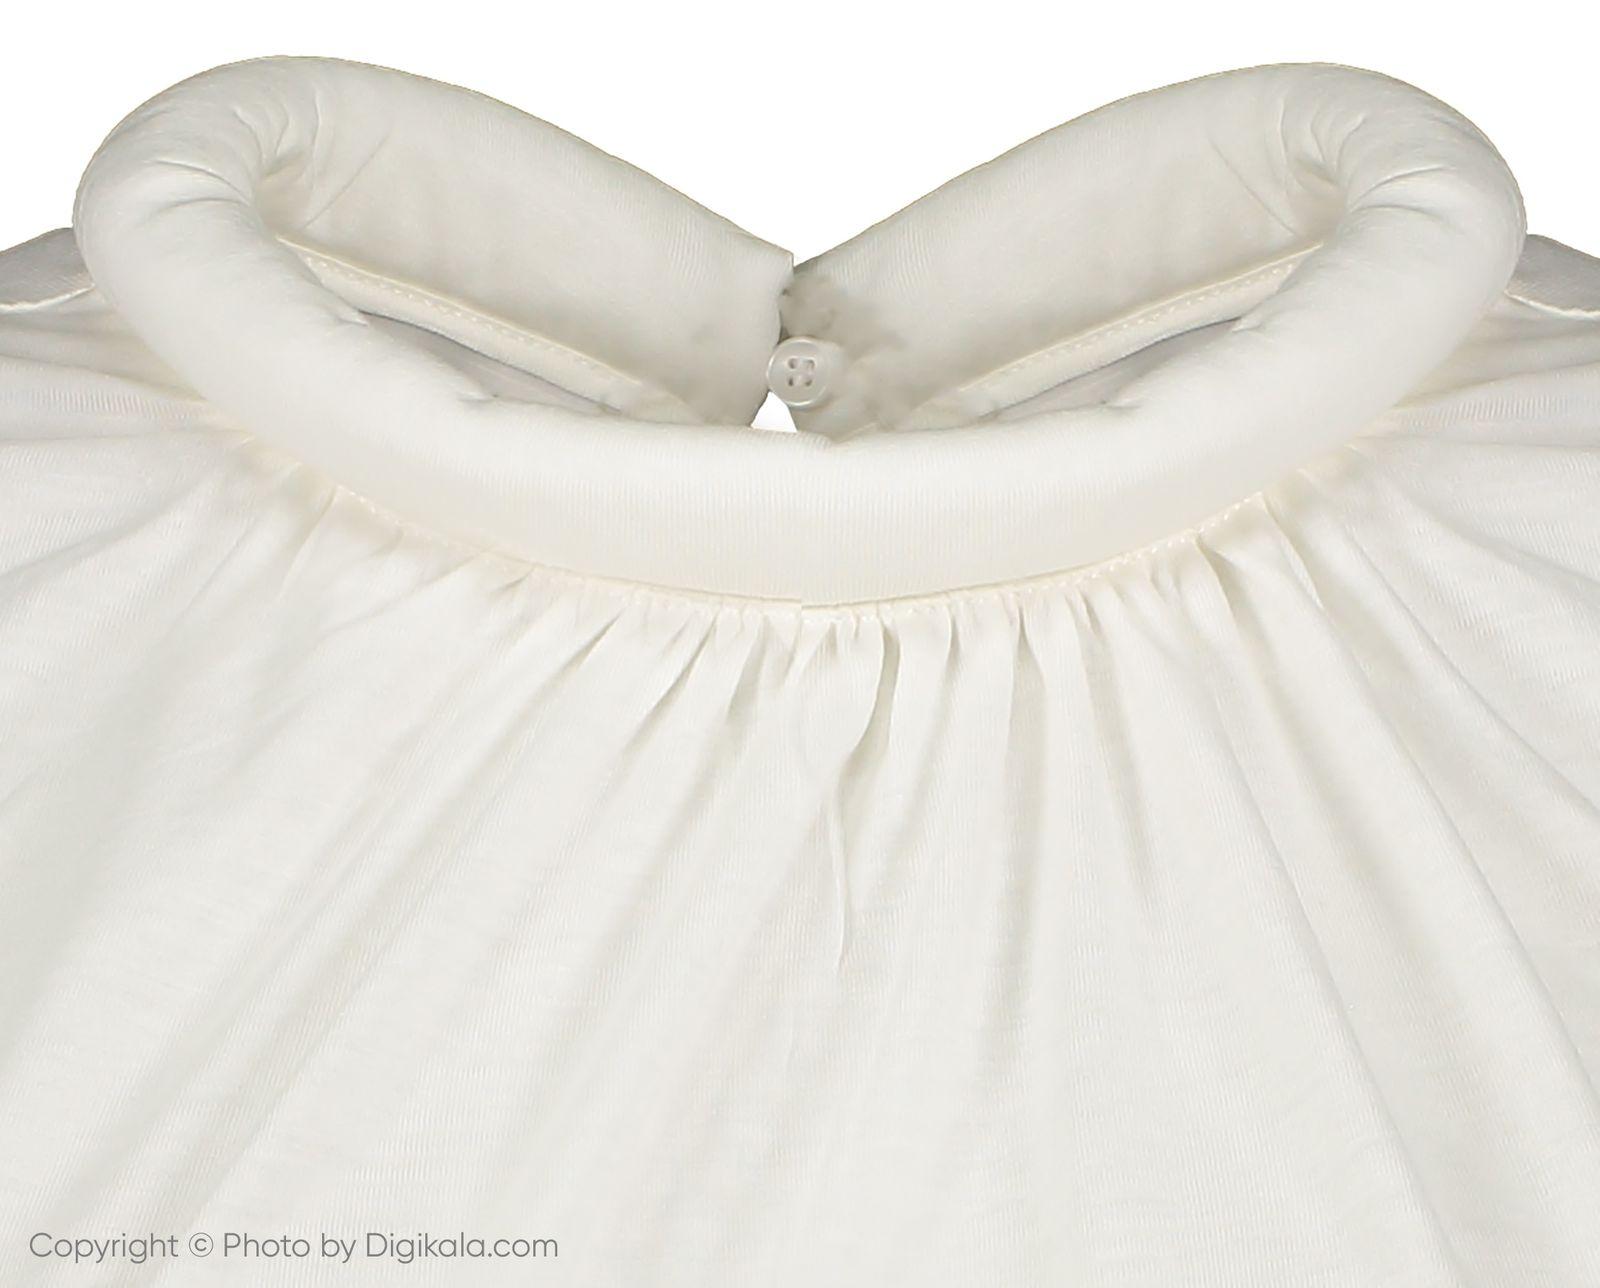 تی شرت یقه گرد زنانه - مانگو - سفید - 4